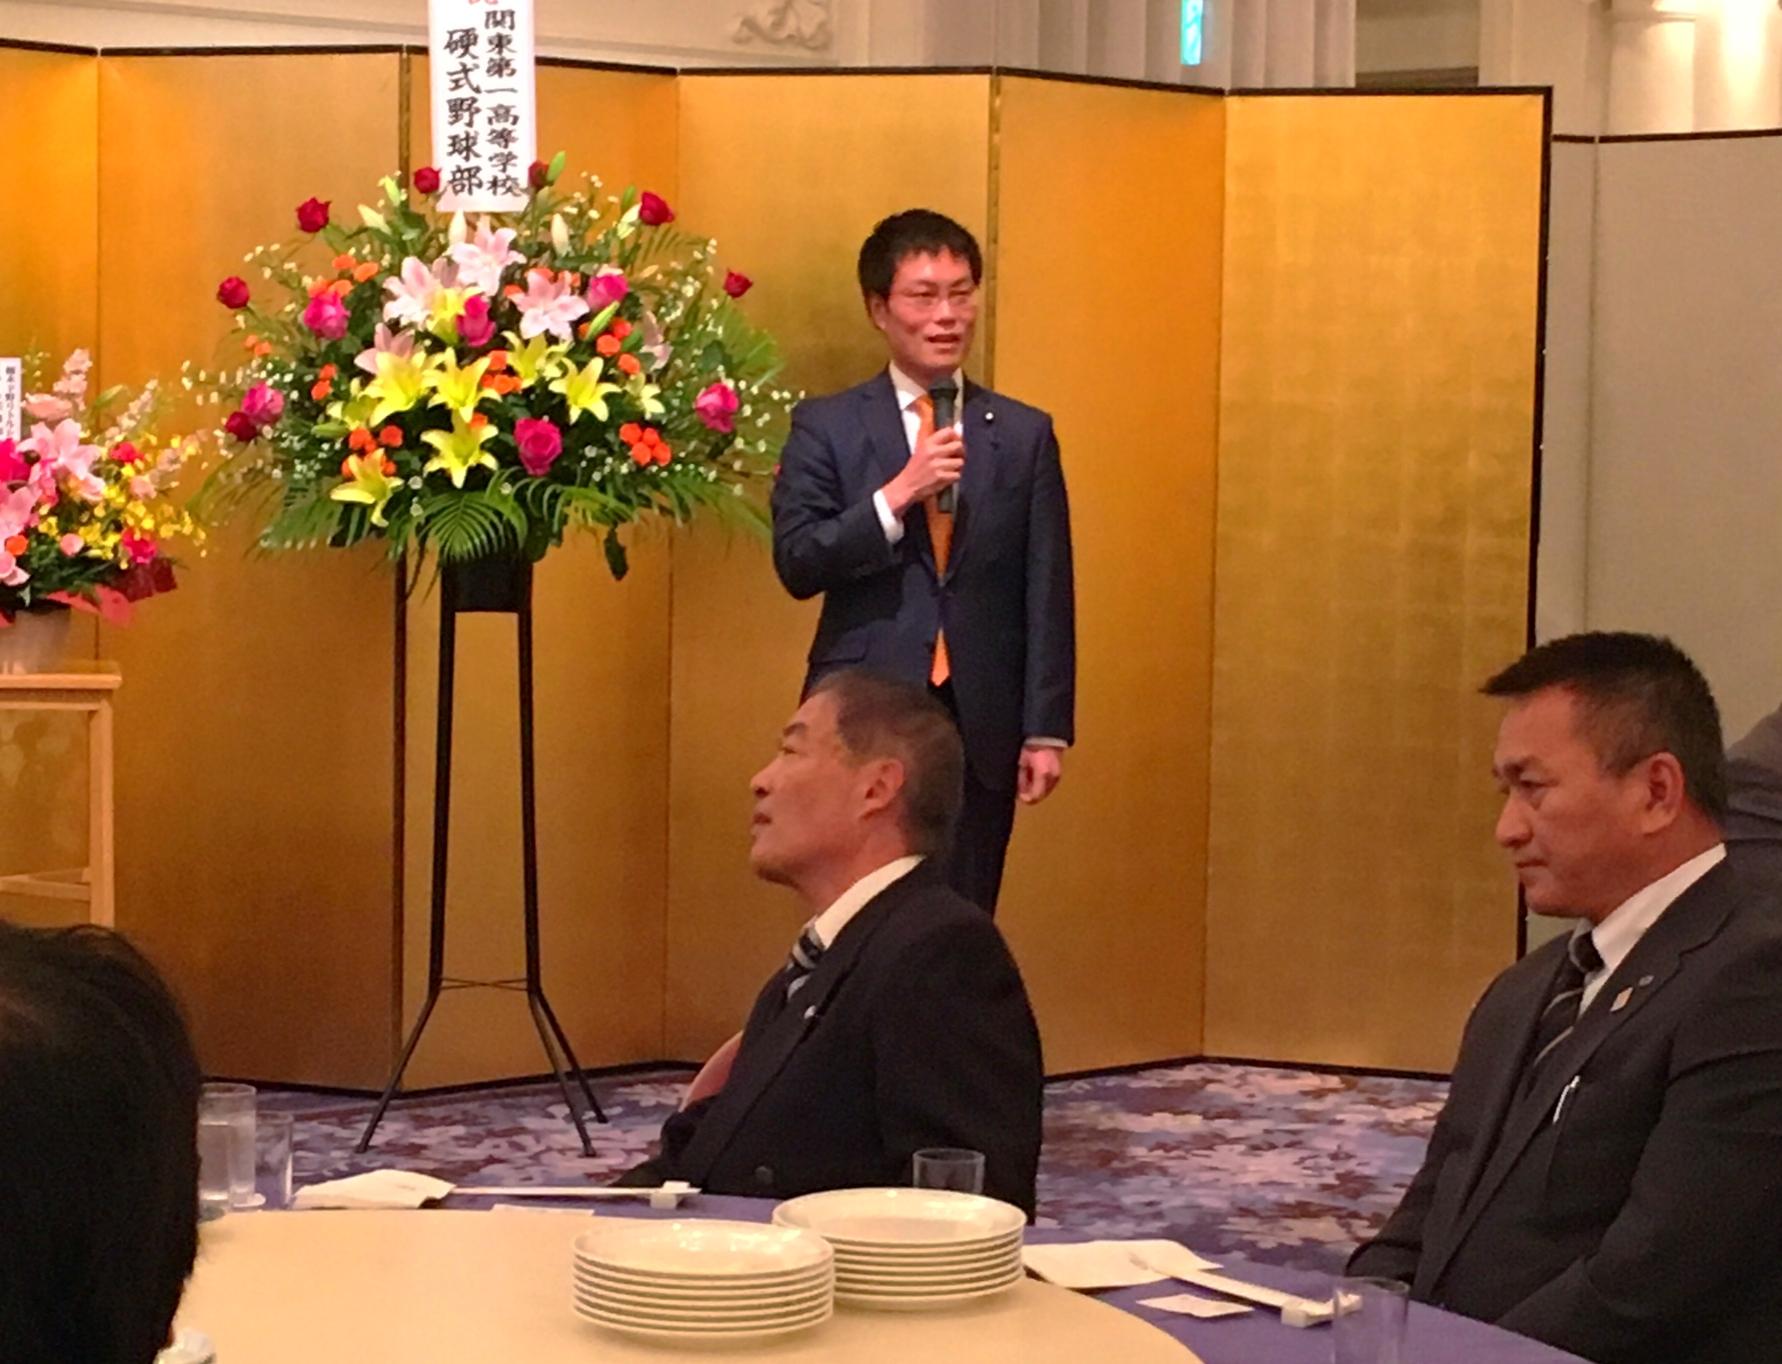 秋本真利衆議院議員・国土交通大臣政務官・佐倉リーグ会長